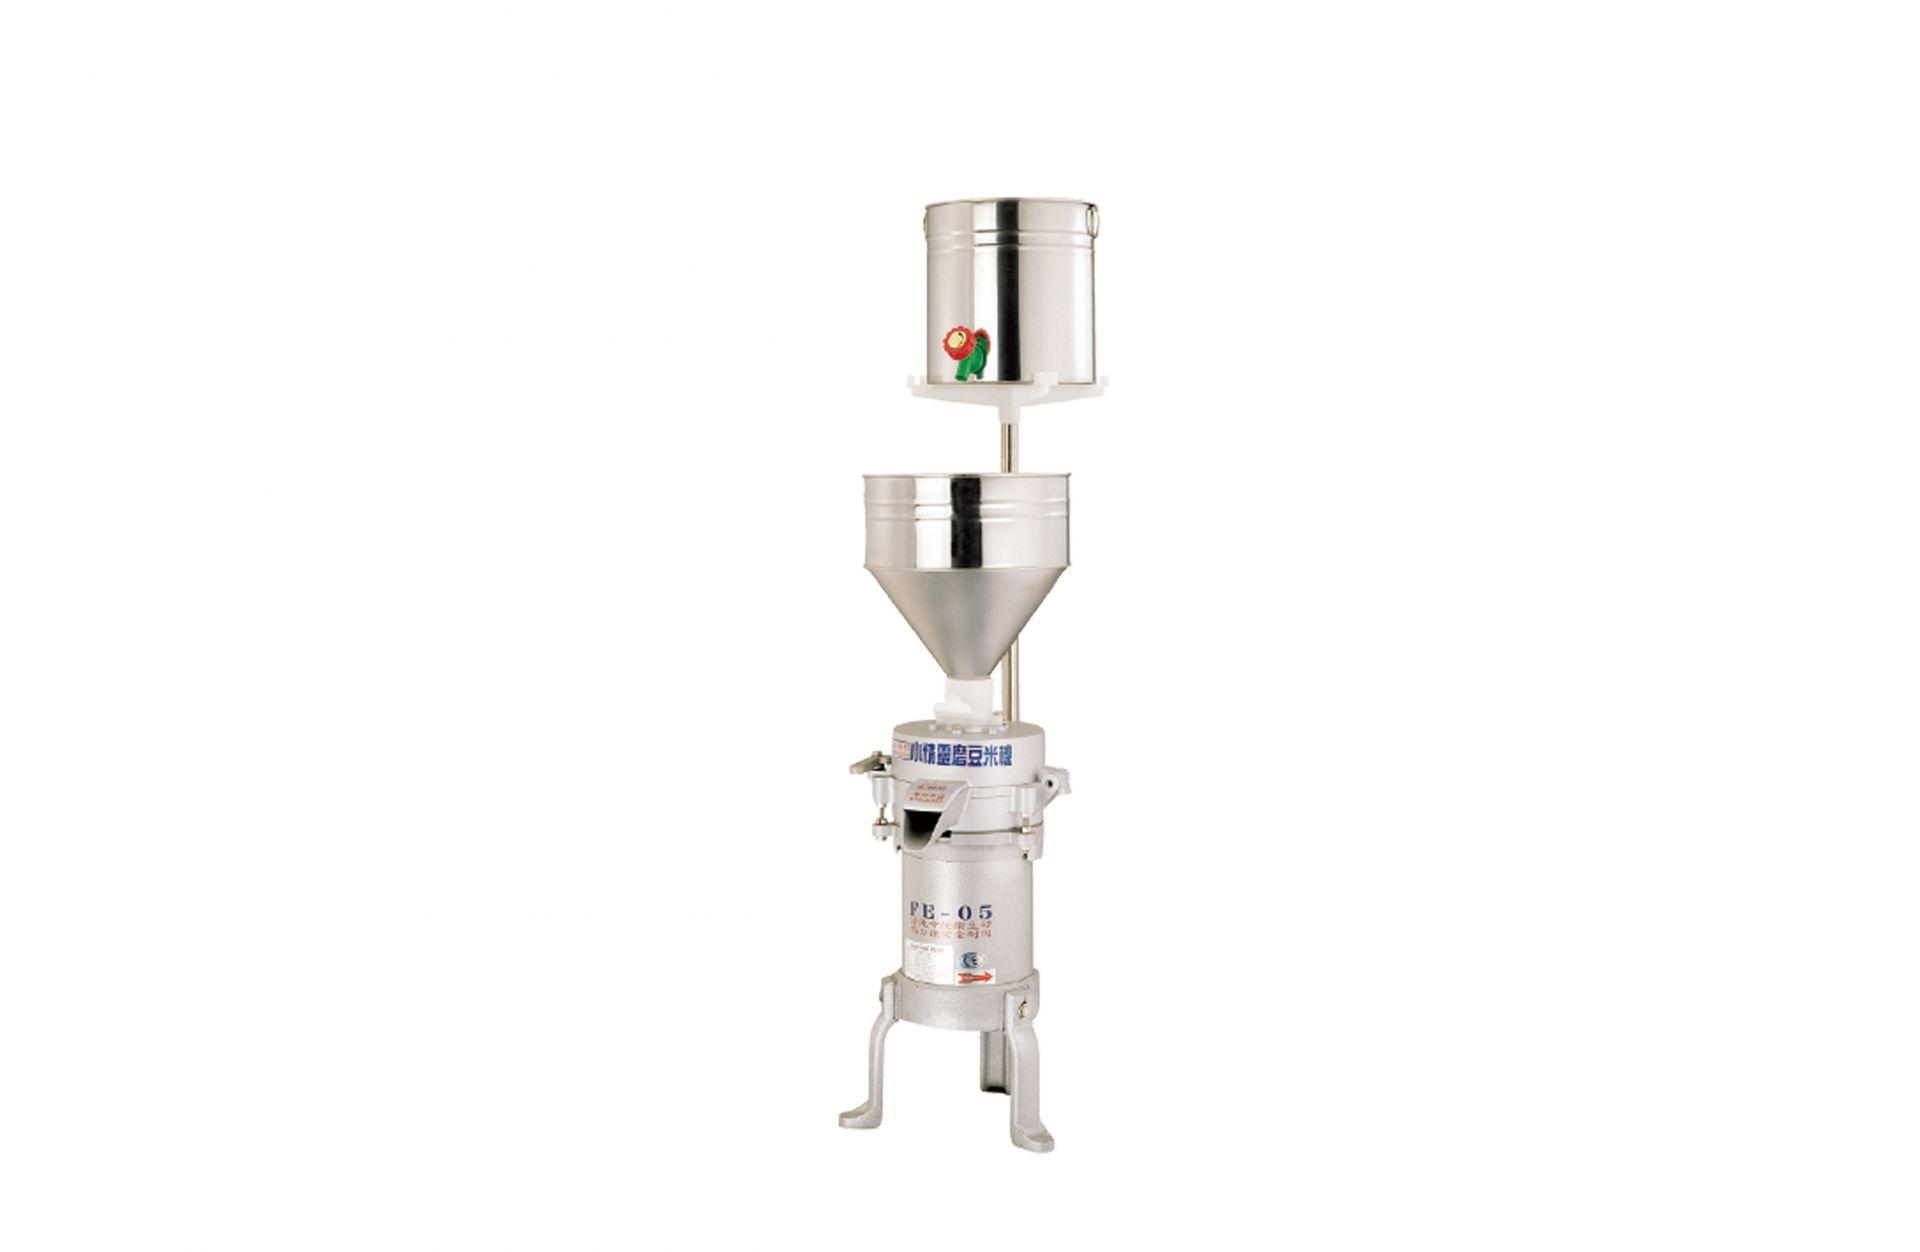 Szlifierka do ryżu sojowego - Maszyna do mielenia